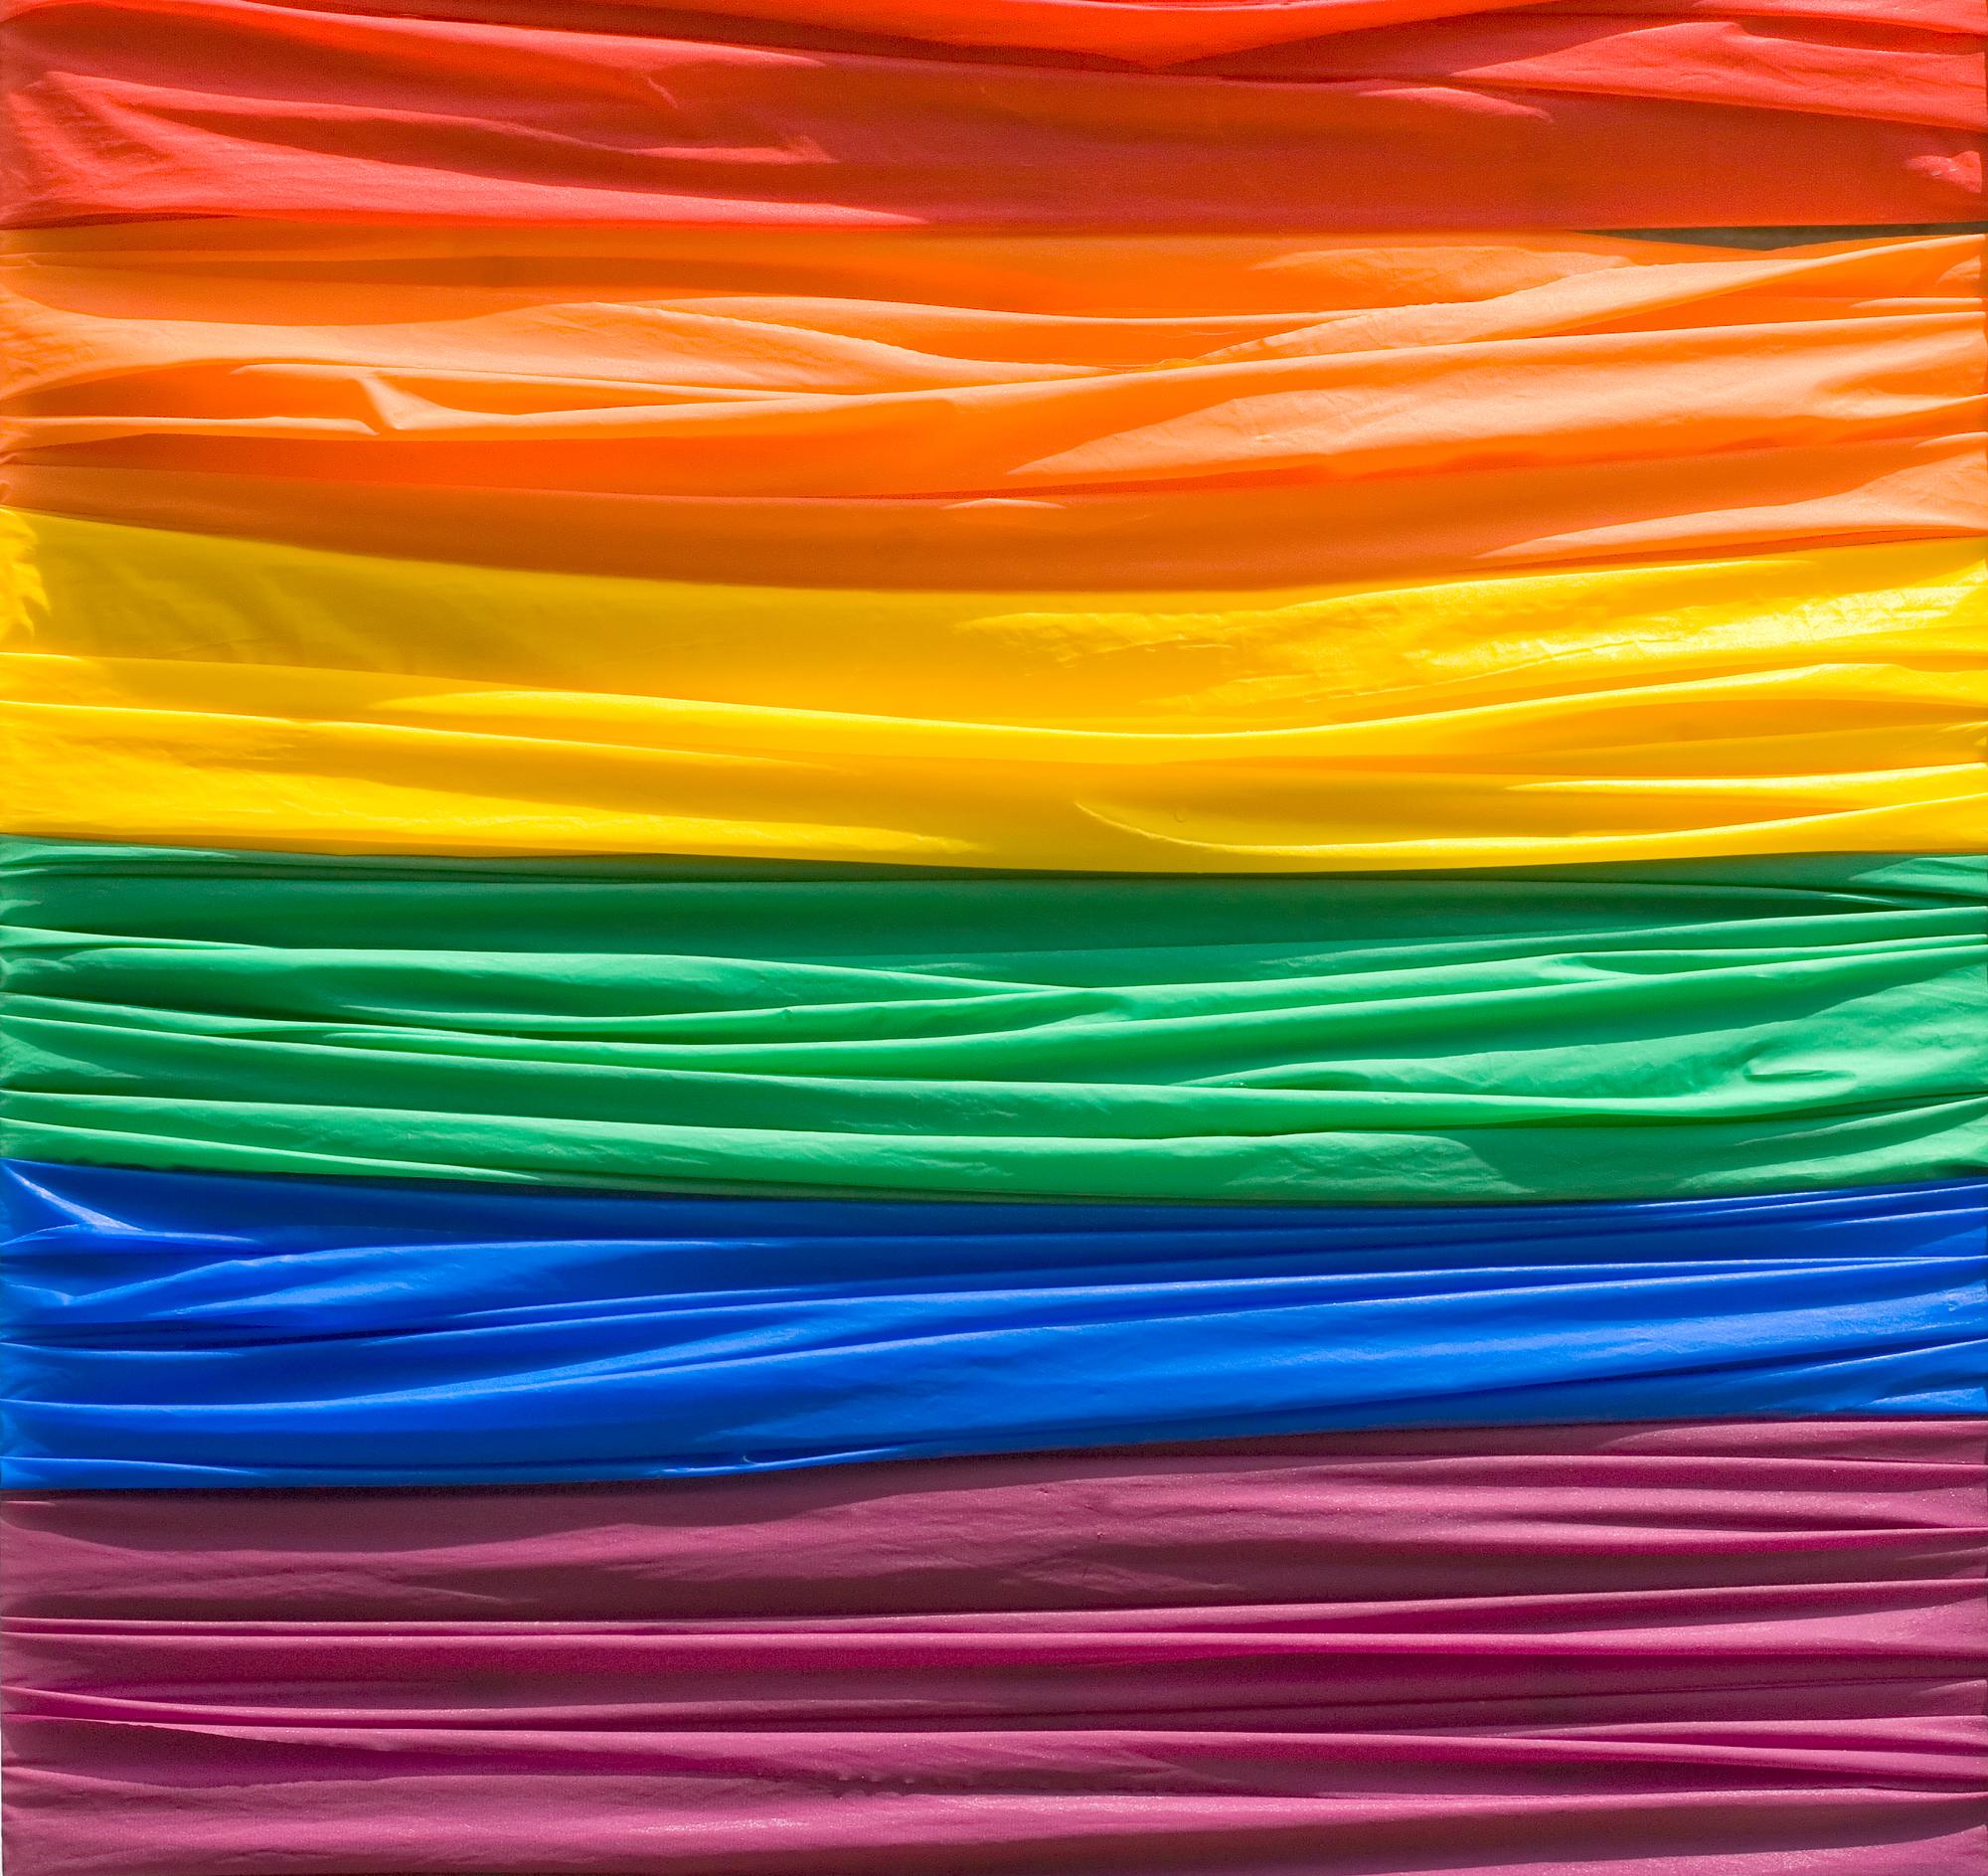 image of gay pride flag